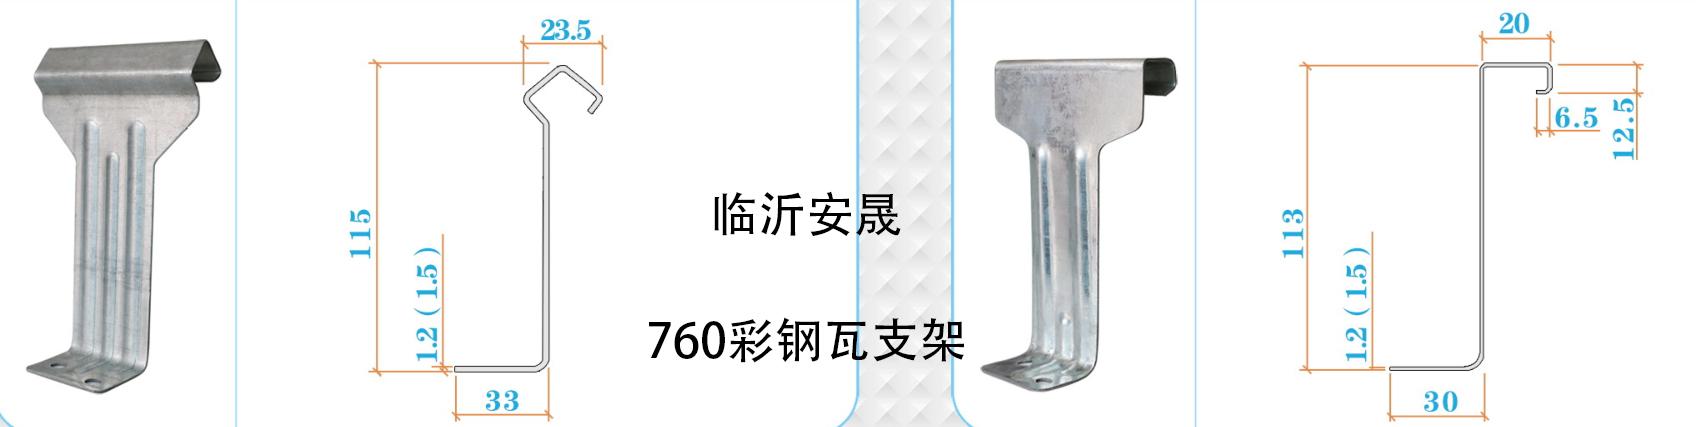 山东临沂彩钢瓦镀锌支架厂家 服务为先 临沂安晟防水材料供应